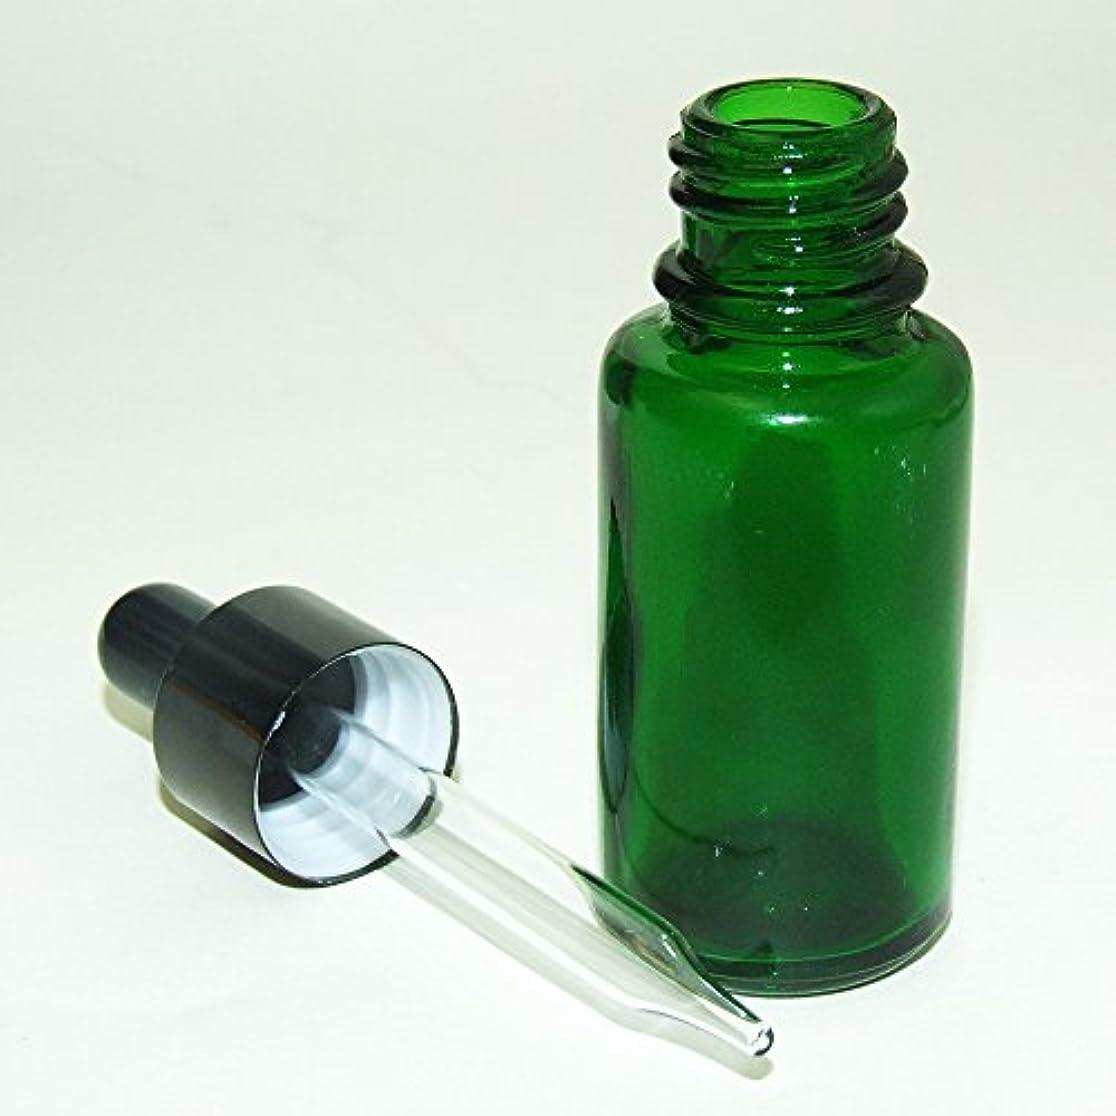 責める彼女構築するガレージ?ゼロ 遮光ガラス スポイド瓶 先細タイプ 緑 15ml(GZKP32)×10個 アロマ保存 GSE678